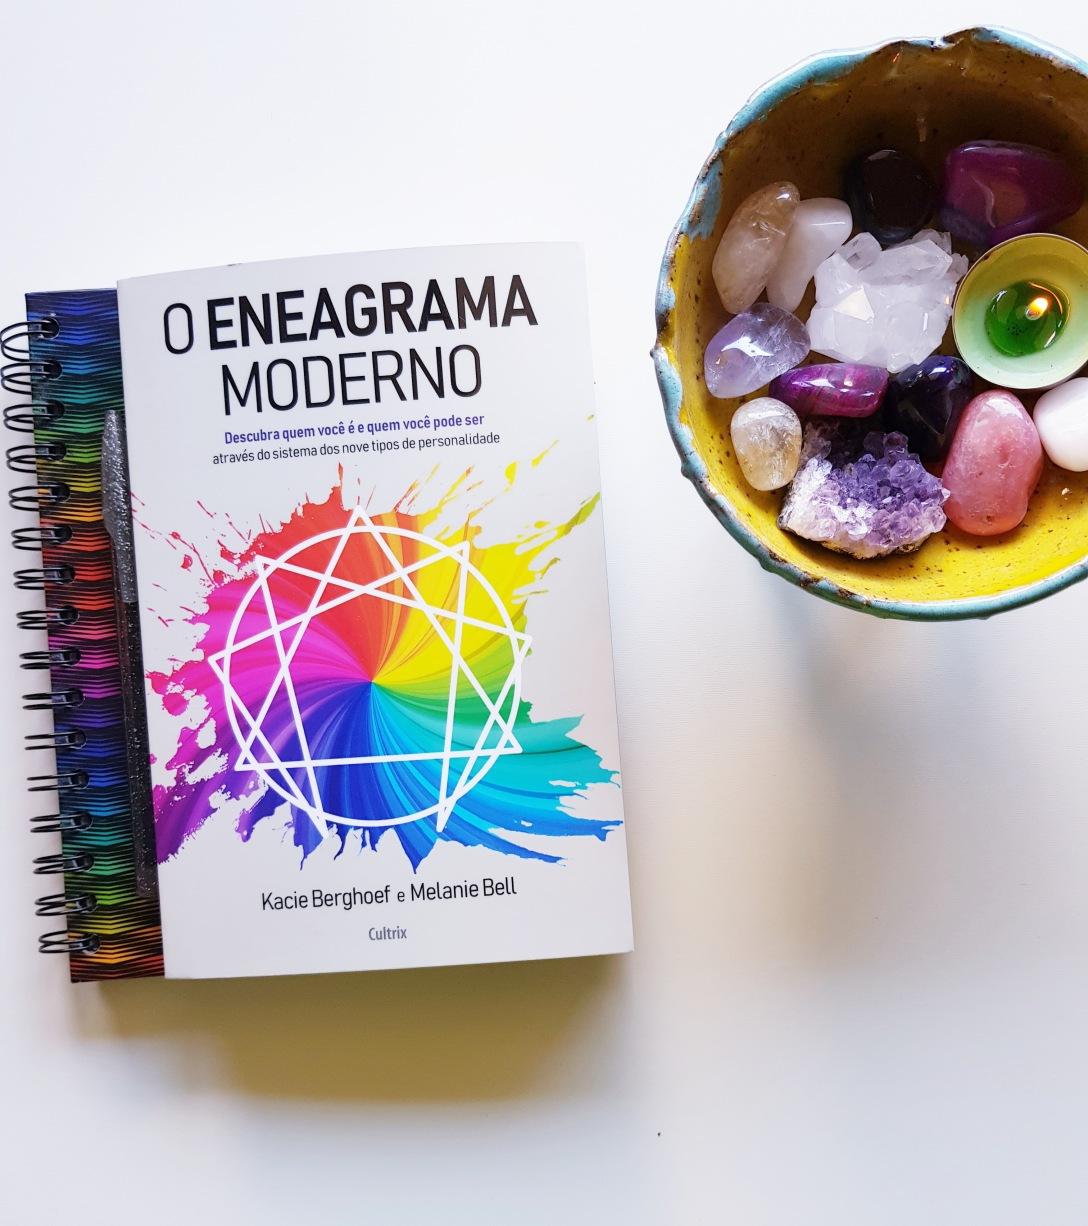 Livro sobre os nove tipos de personalidade: O Eneagrama Moderno - blog de psicologia Melkberg - eneagrama - eneatipos - o eneagrama moderno - nove tipos de personalidade - teoria - autoras - livro